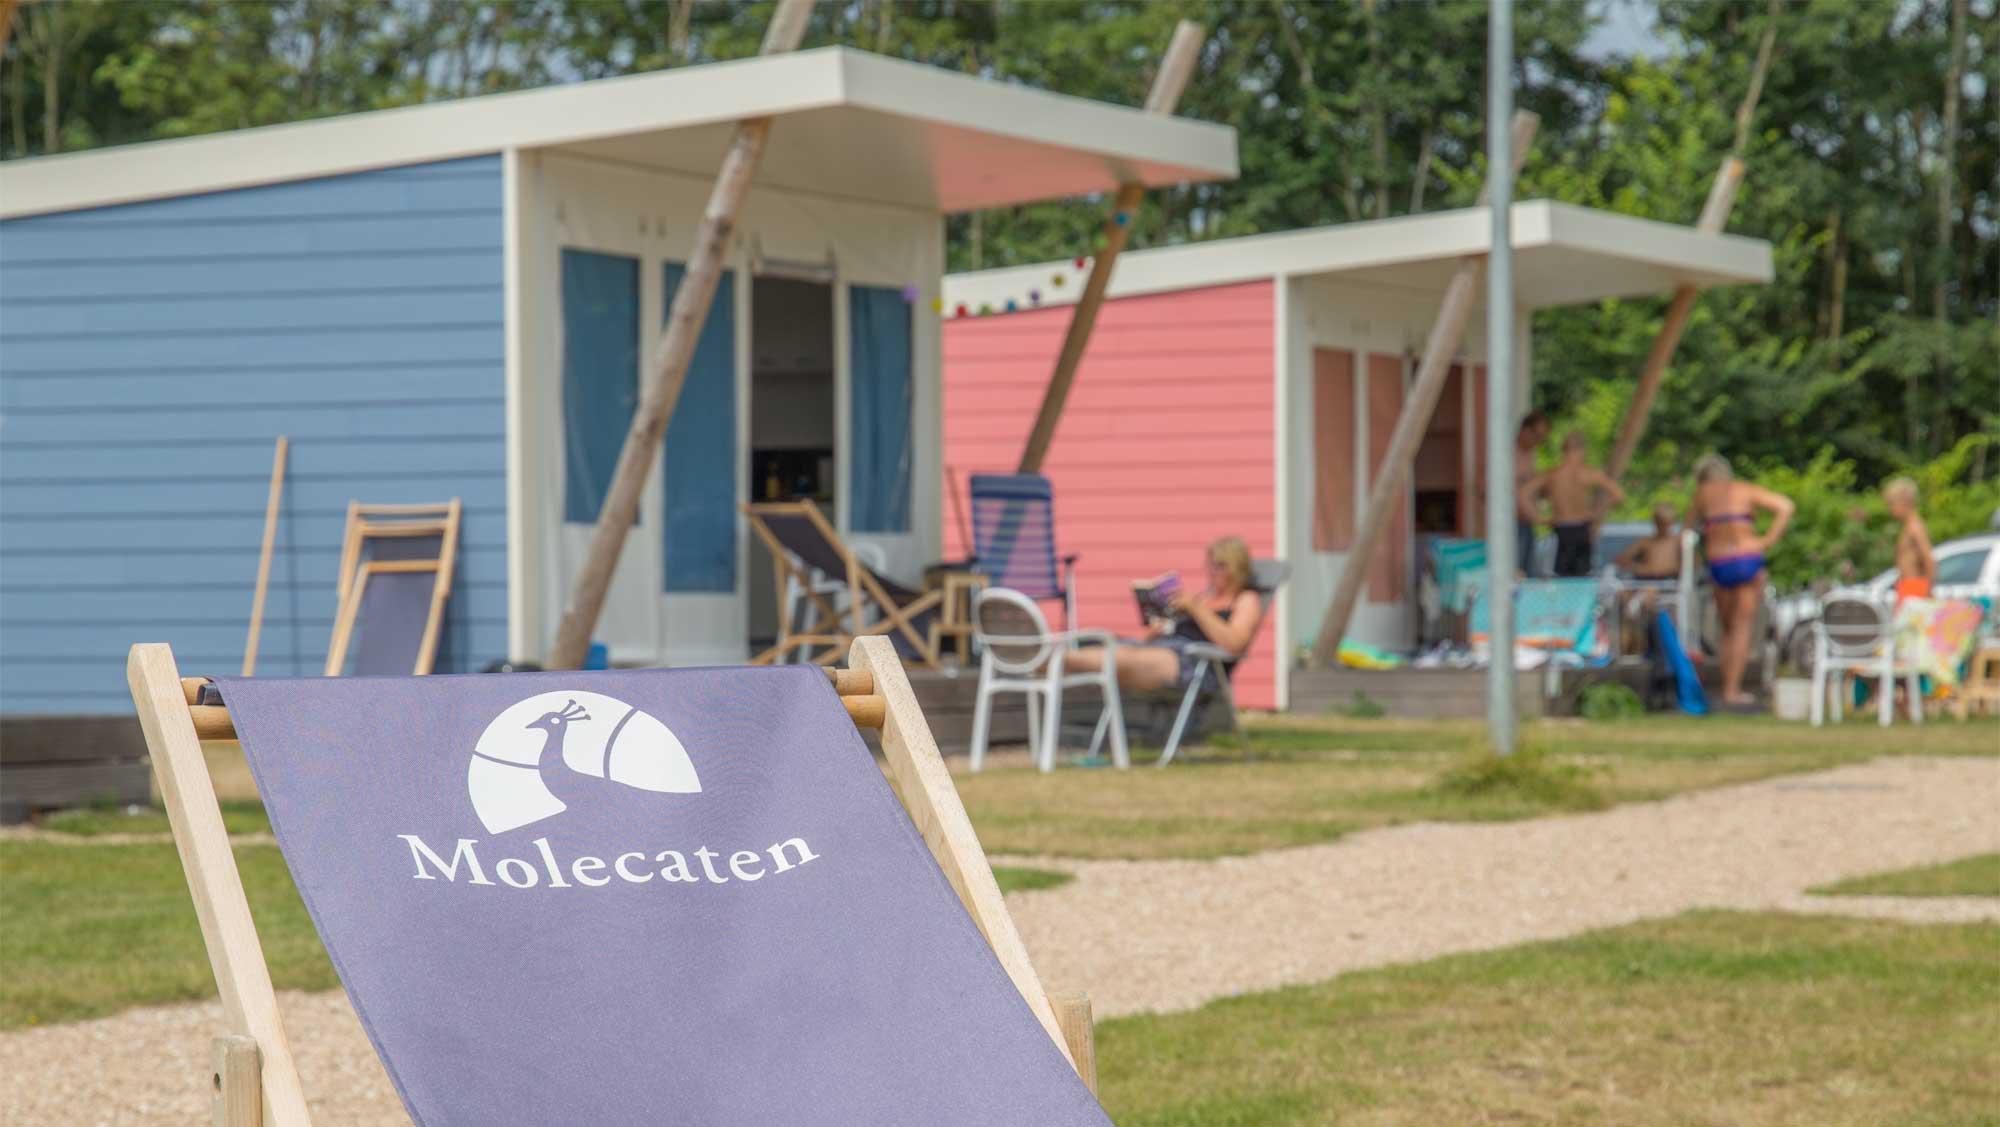 5pers kampeer cabin Vlinder Molecaten Park Rondeweibos 04